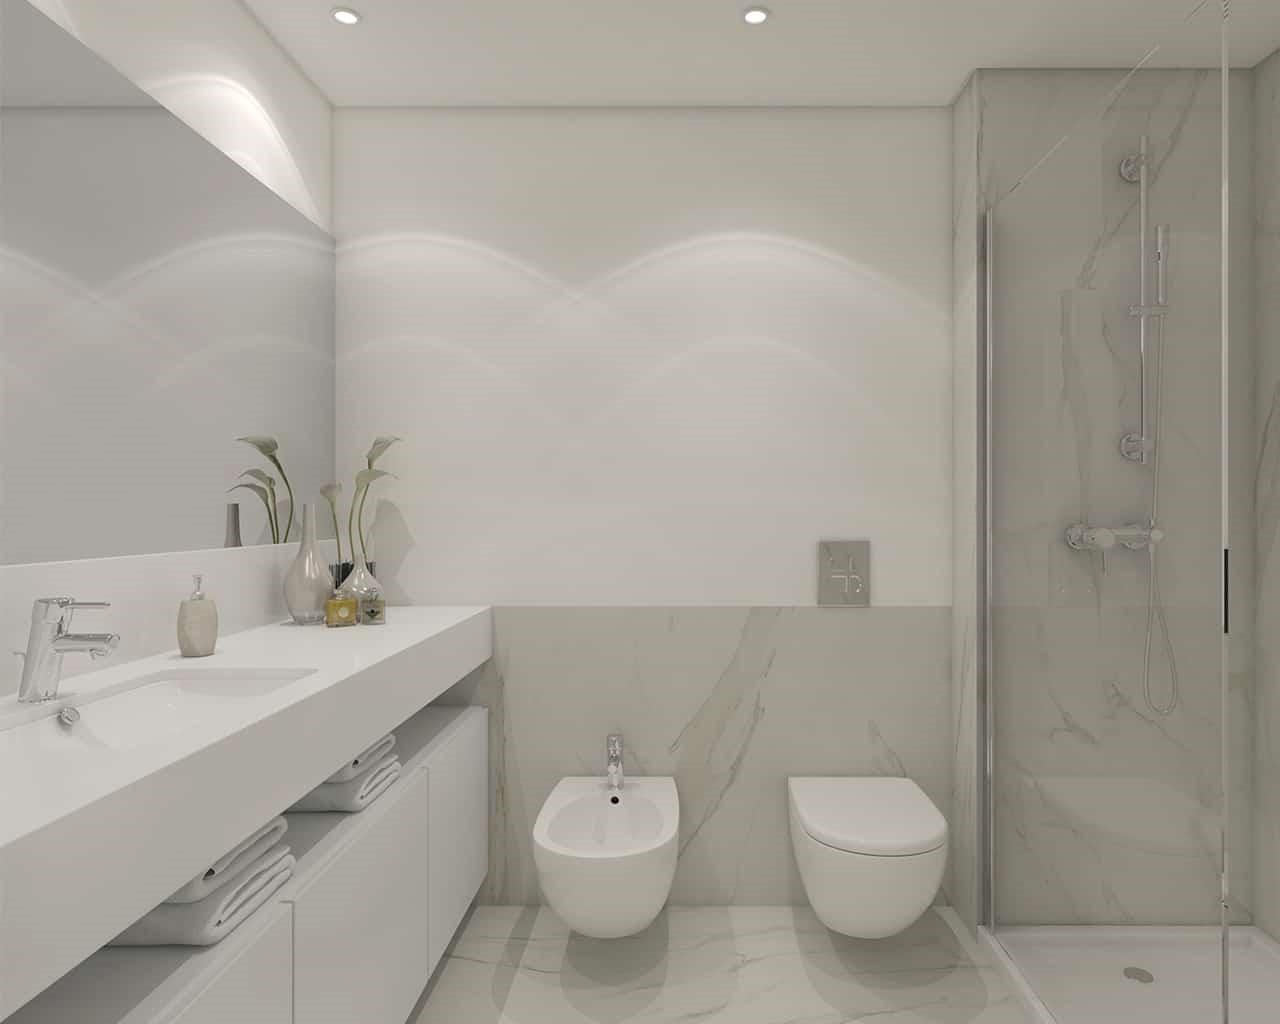 areeiro-prime-salle de bain-option urban calssic-douche